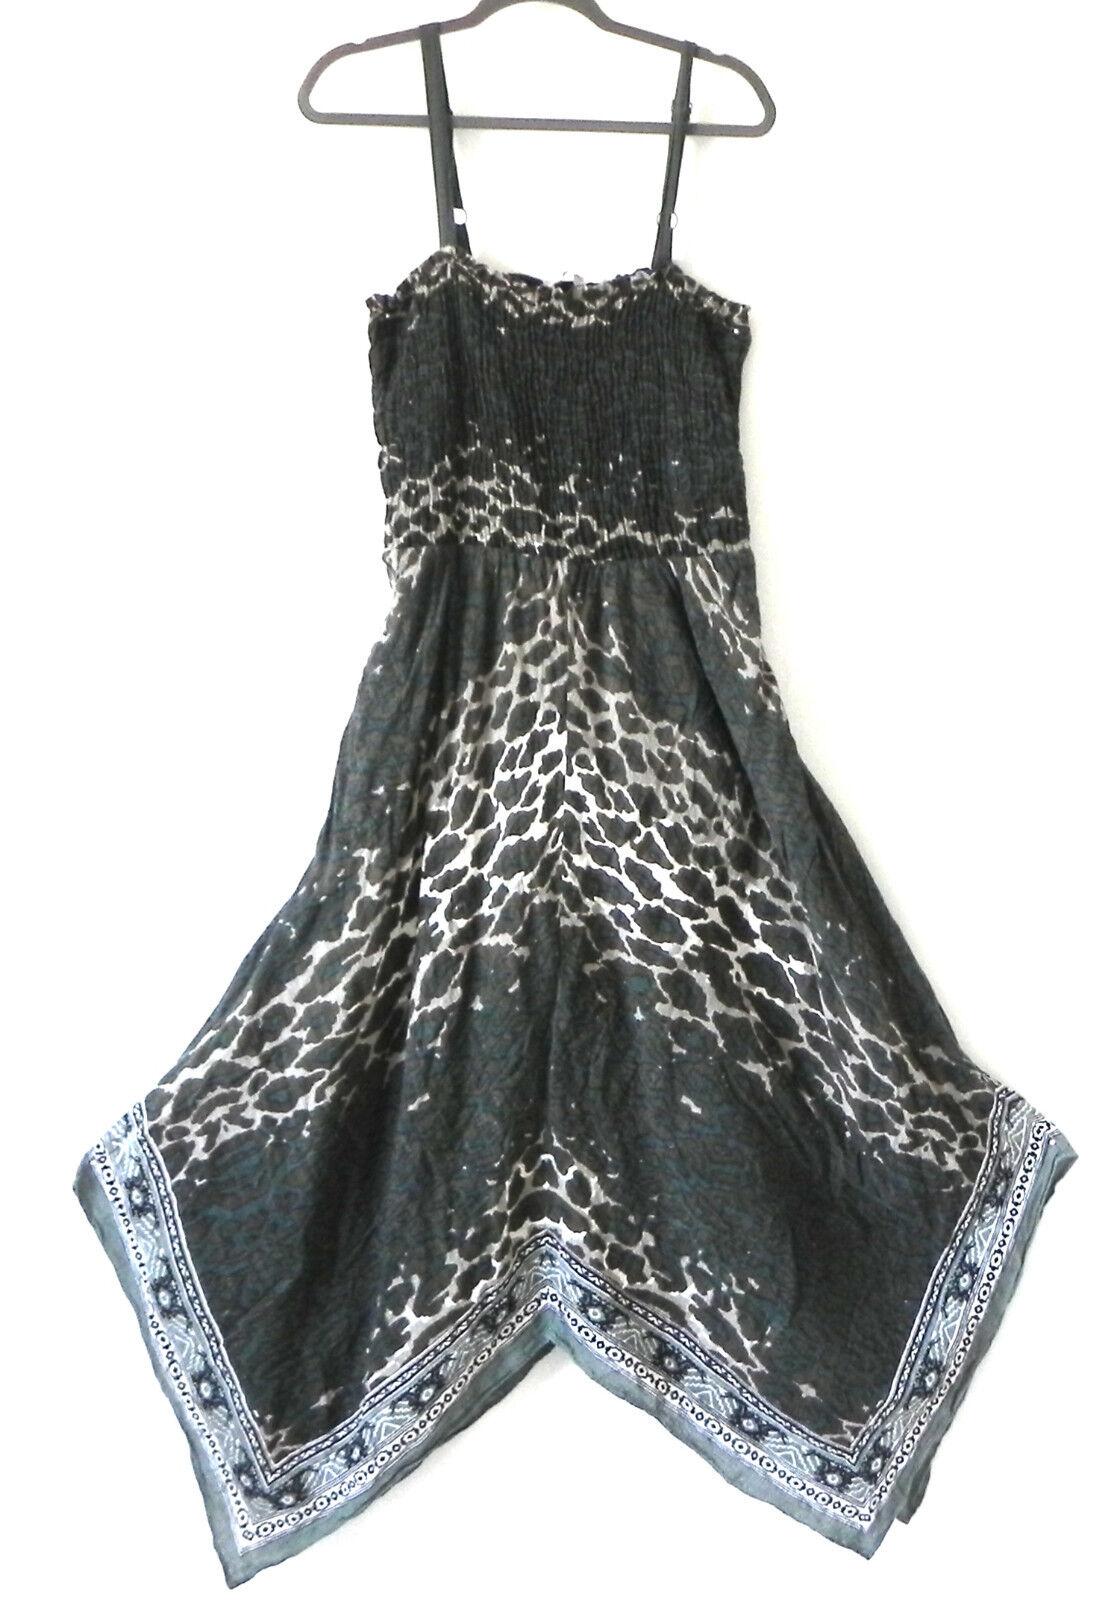 Soft Surroundings Dress Tube Top Removable Strap Asymmetrical Cotton Size XL